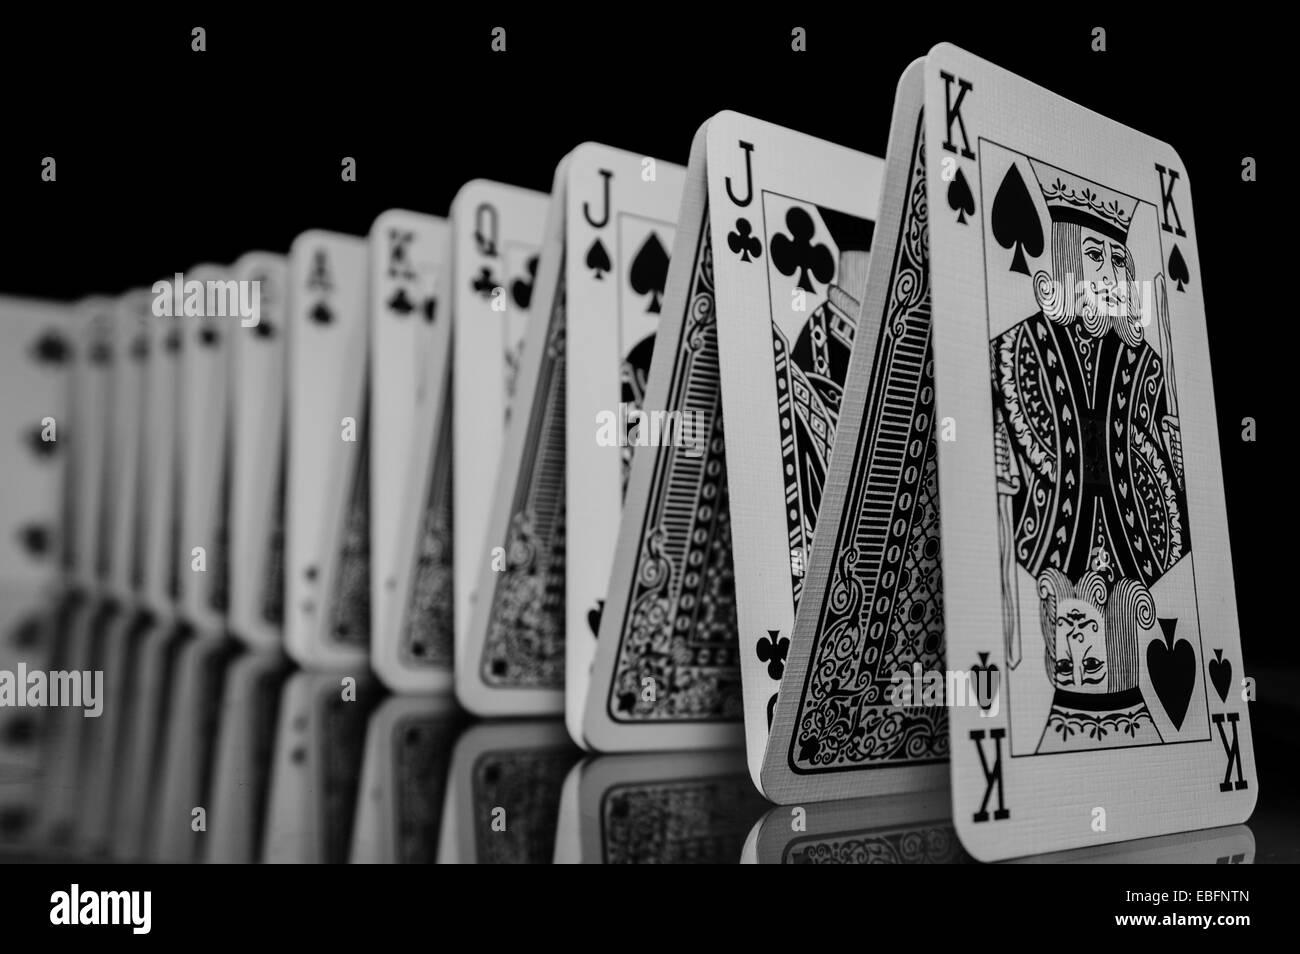 Eine Reihe von Spielkarten in Bildung, reflektiert auf der Tabelle unten. Stockfoto